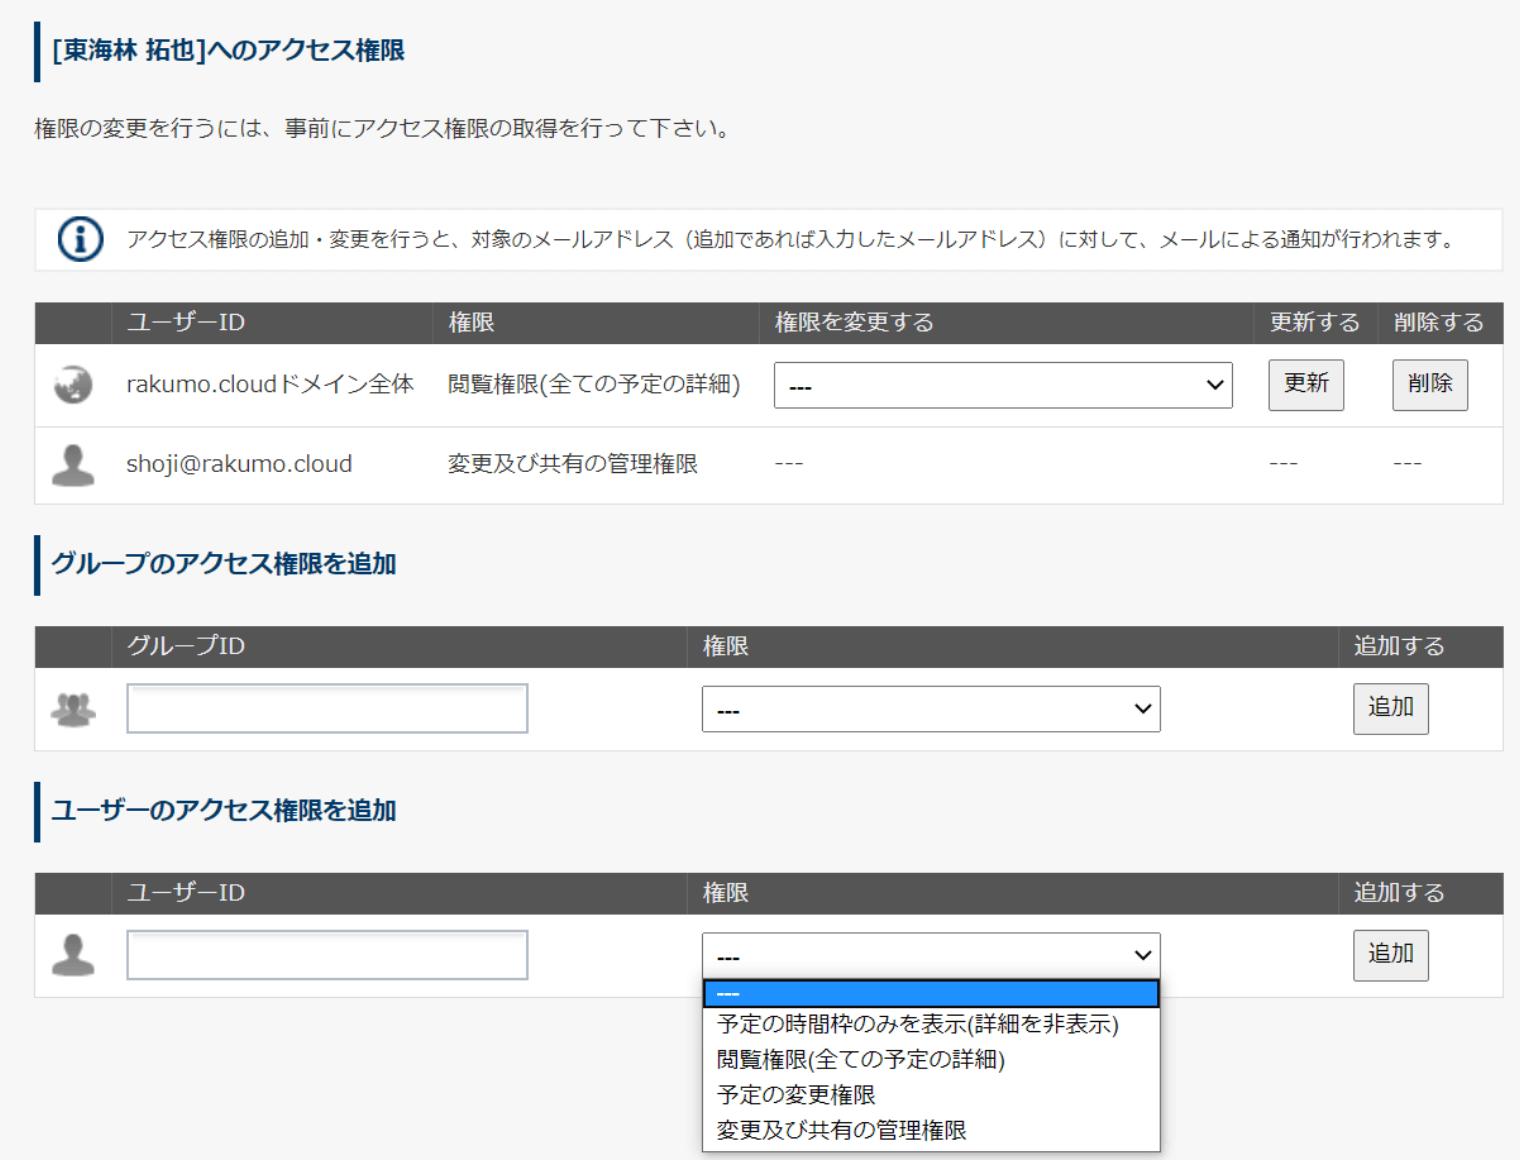 rakumo カレンダー アクセス権限設定管理画面